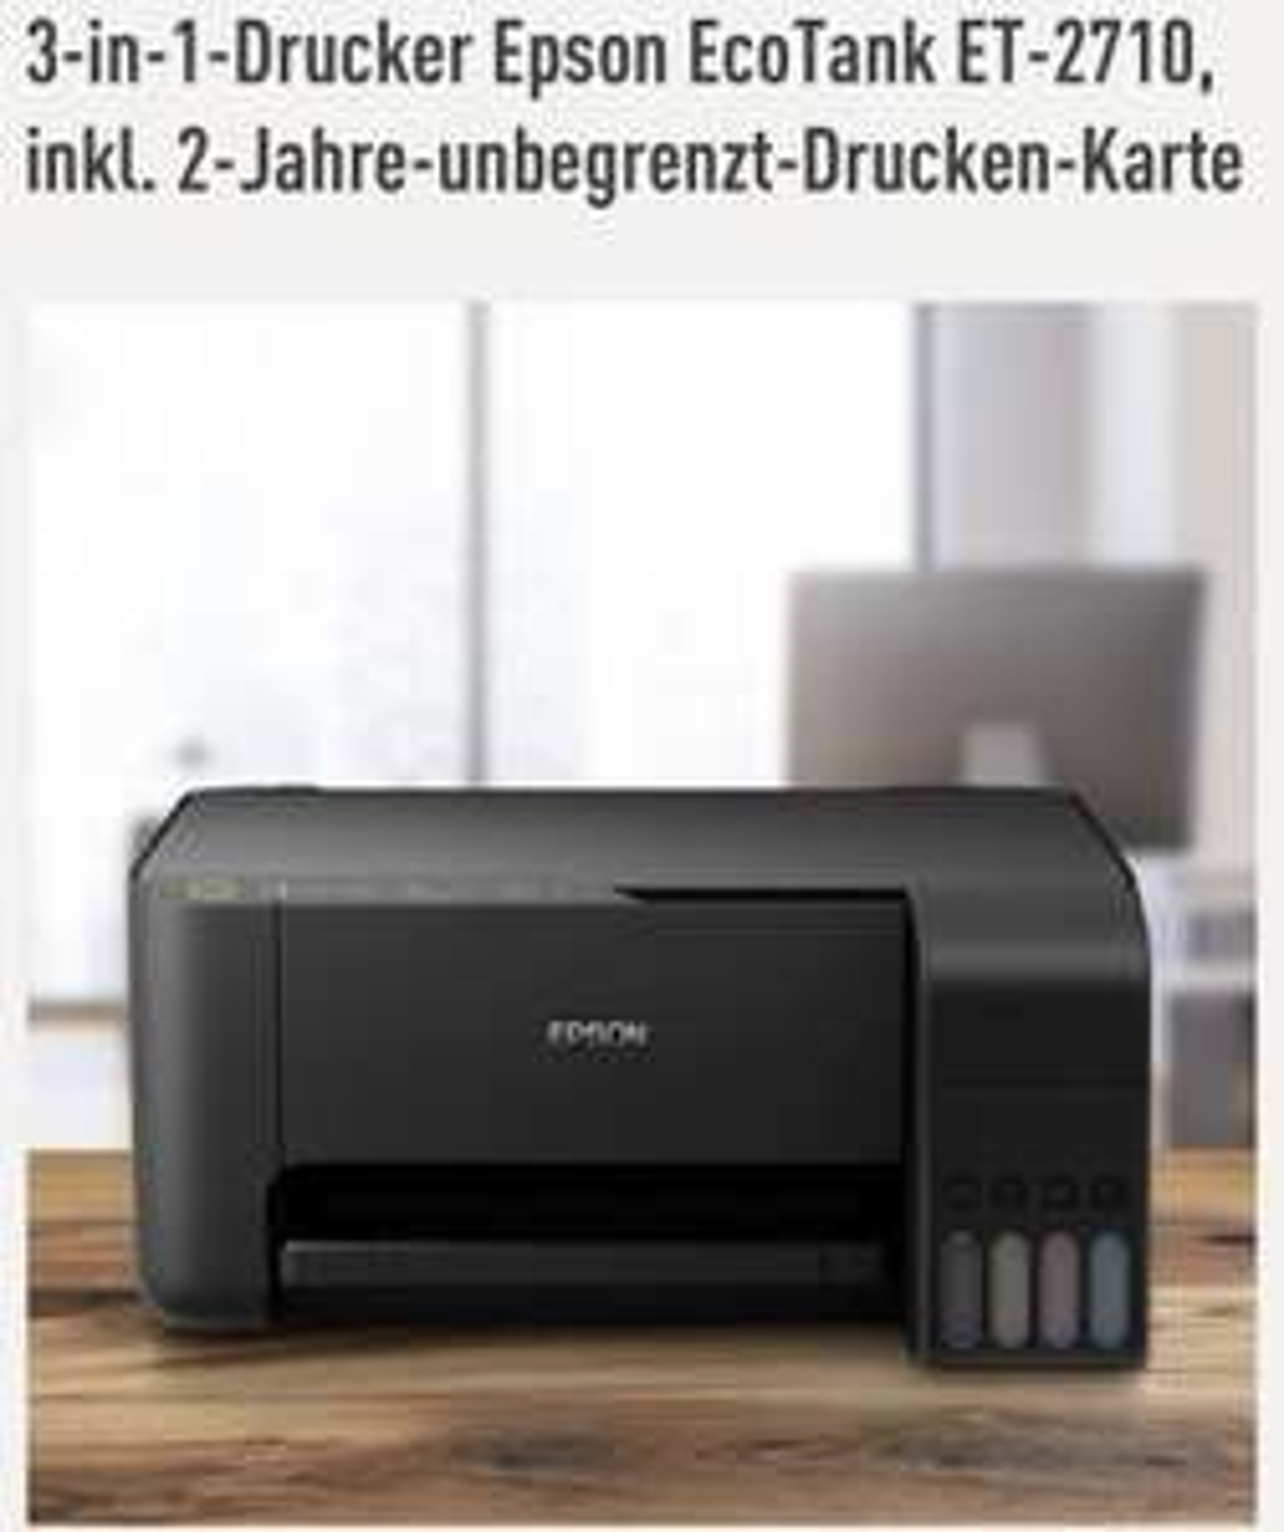 3-in-1-Drucker epson-ecotank et-2710 -inkl-2-Jahre Farbe